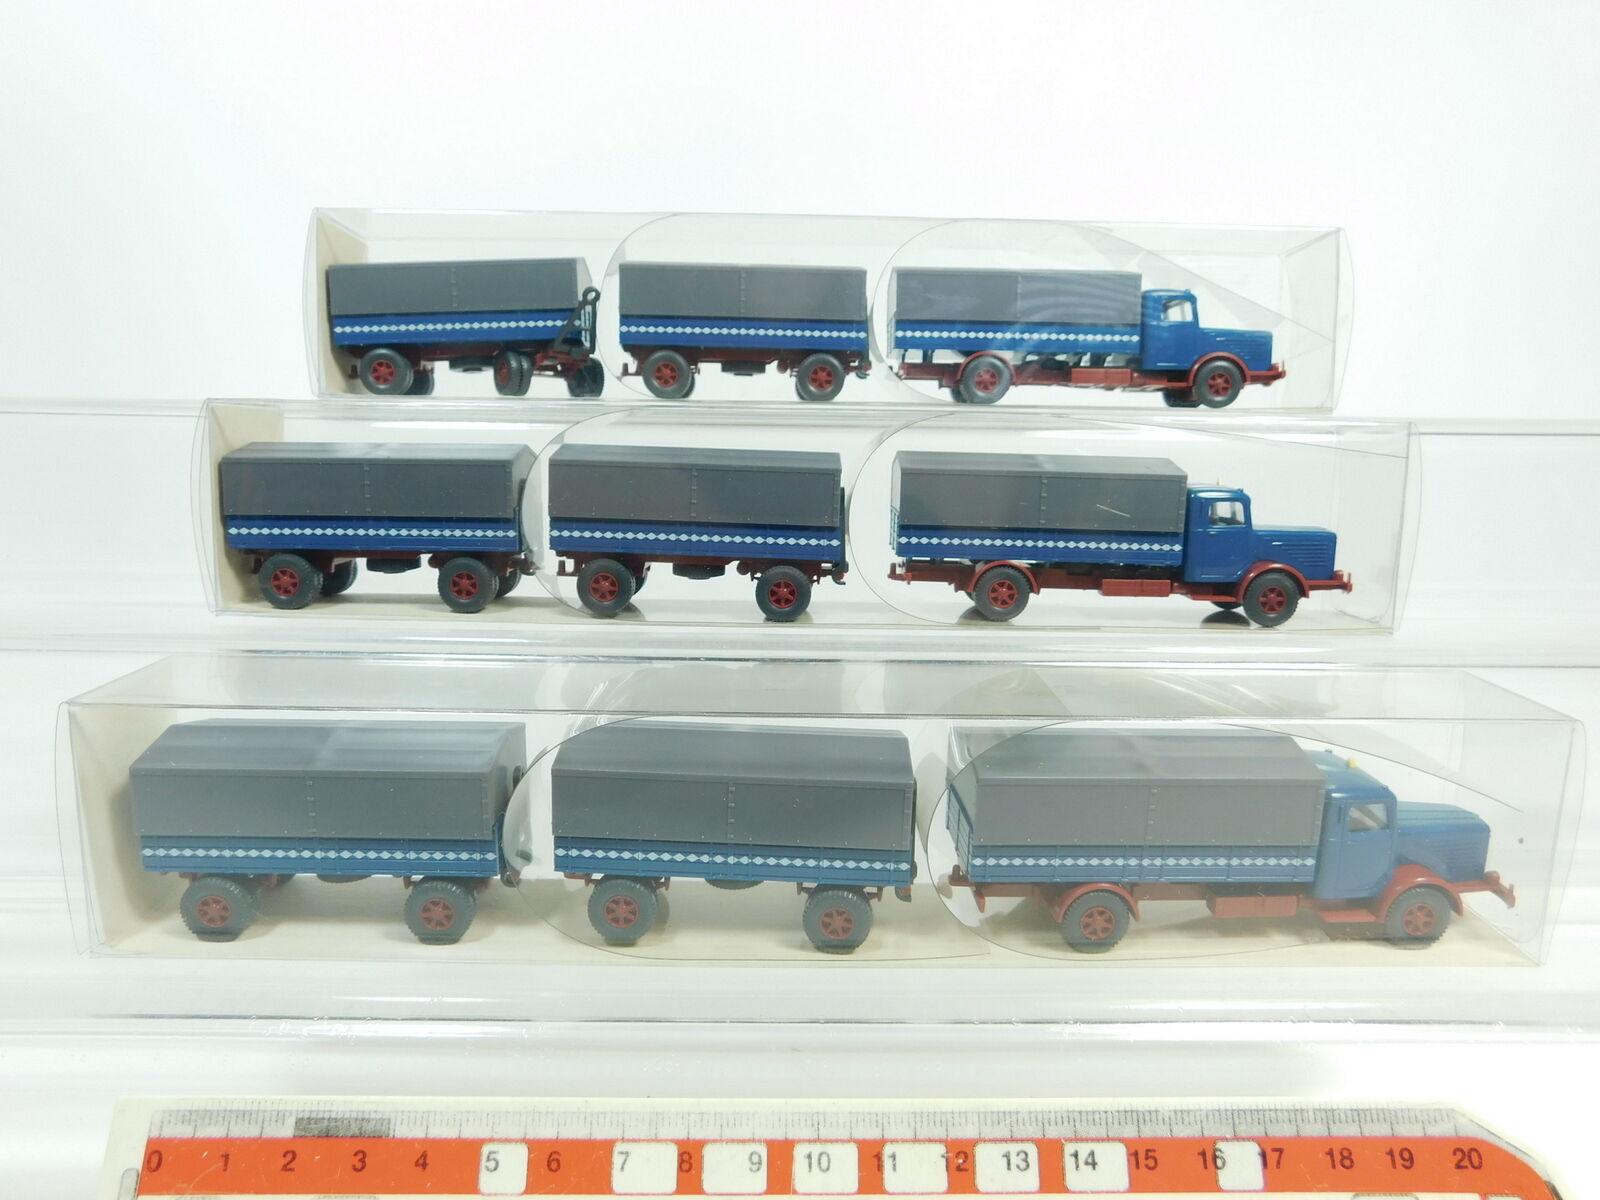 BD356-0,5x Wiking H0 1 87 29 478 silverforma CAMIÓN con remolque camión